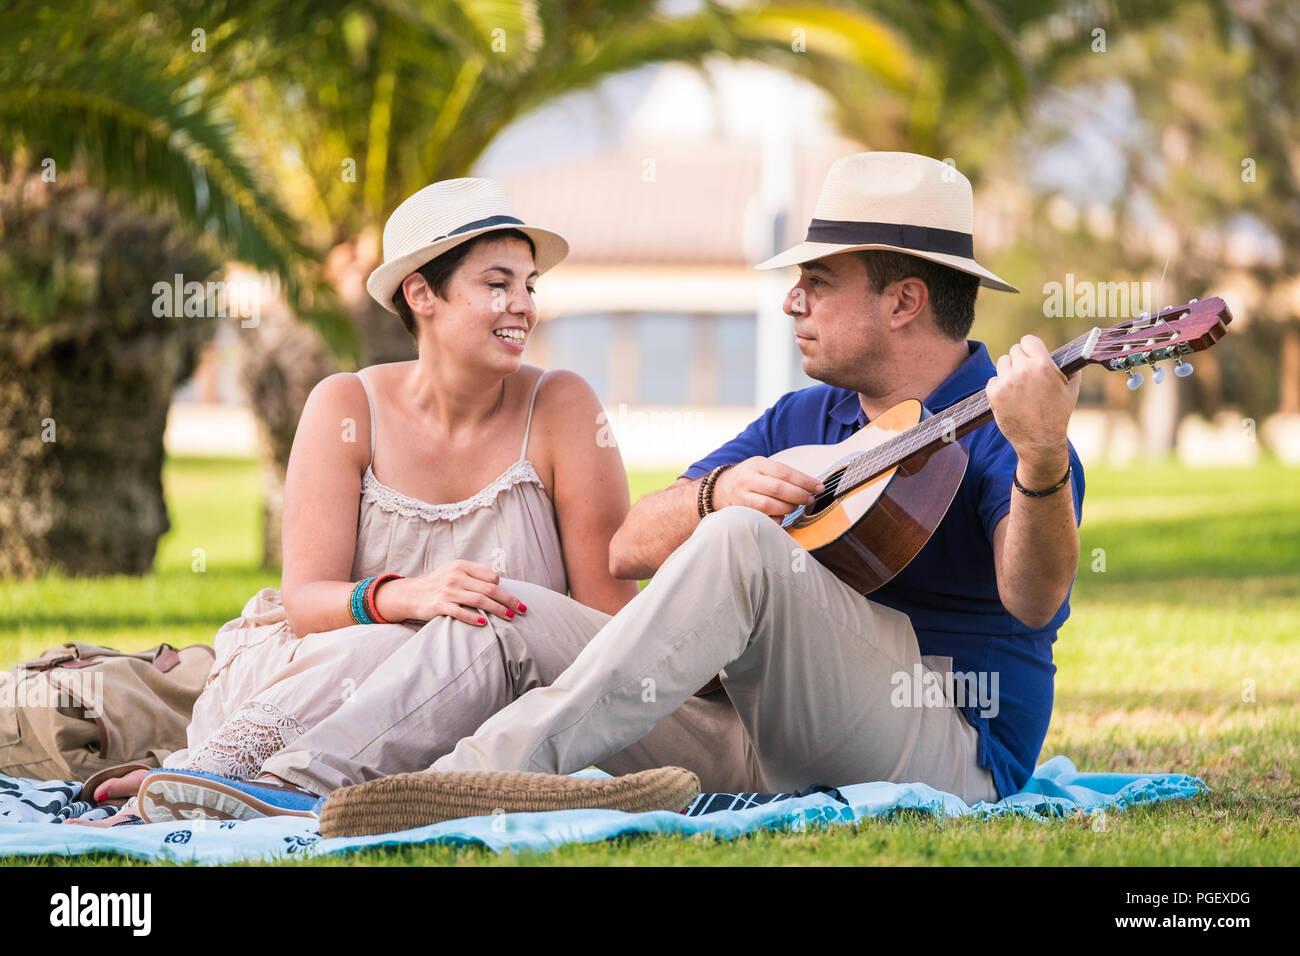 Heureux couple alternative Nice profitez de la piscine activité de loisirs avec amour et plaisir en jouant une guitare acoustique et chantant des chansons. Photo Stock